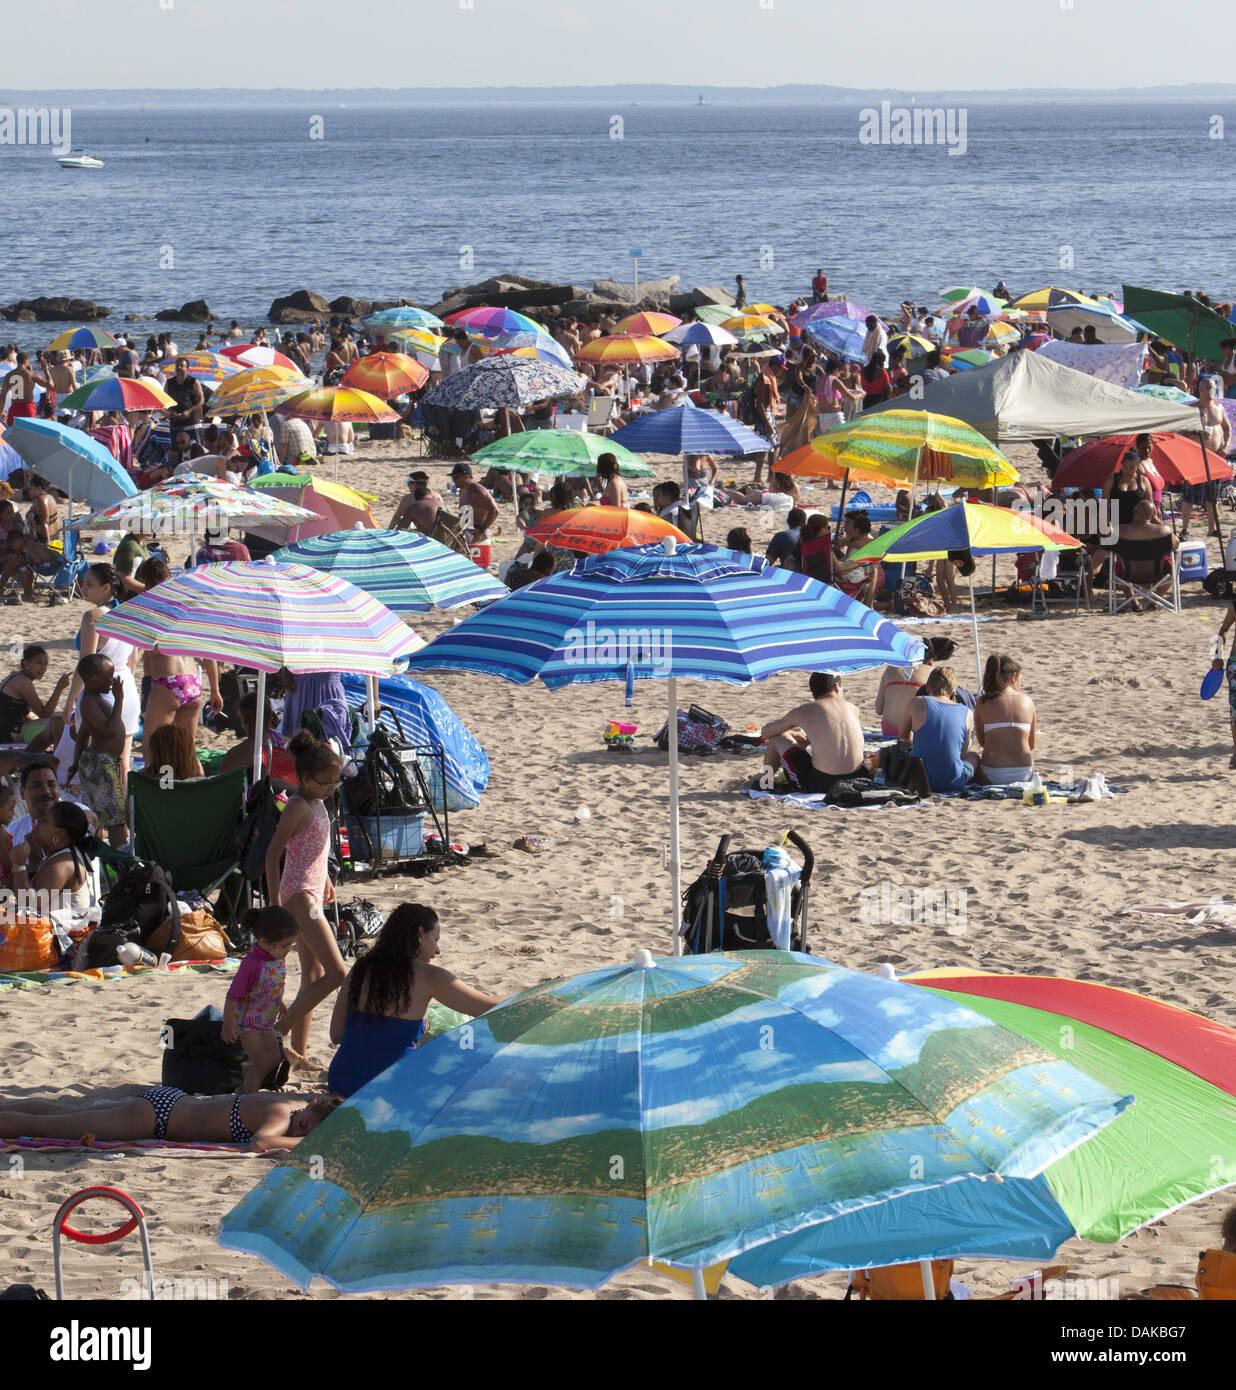 Menschen füllen den Strand mit bunten Sonnenschirmen an einem heißen Sommertag auf Coney Island, Brooklyn, Stockbild